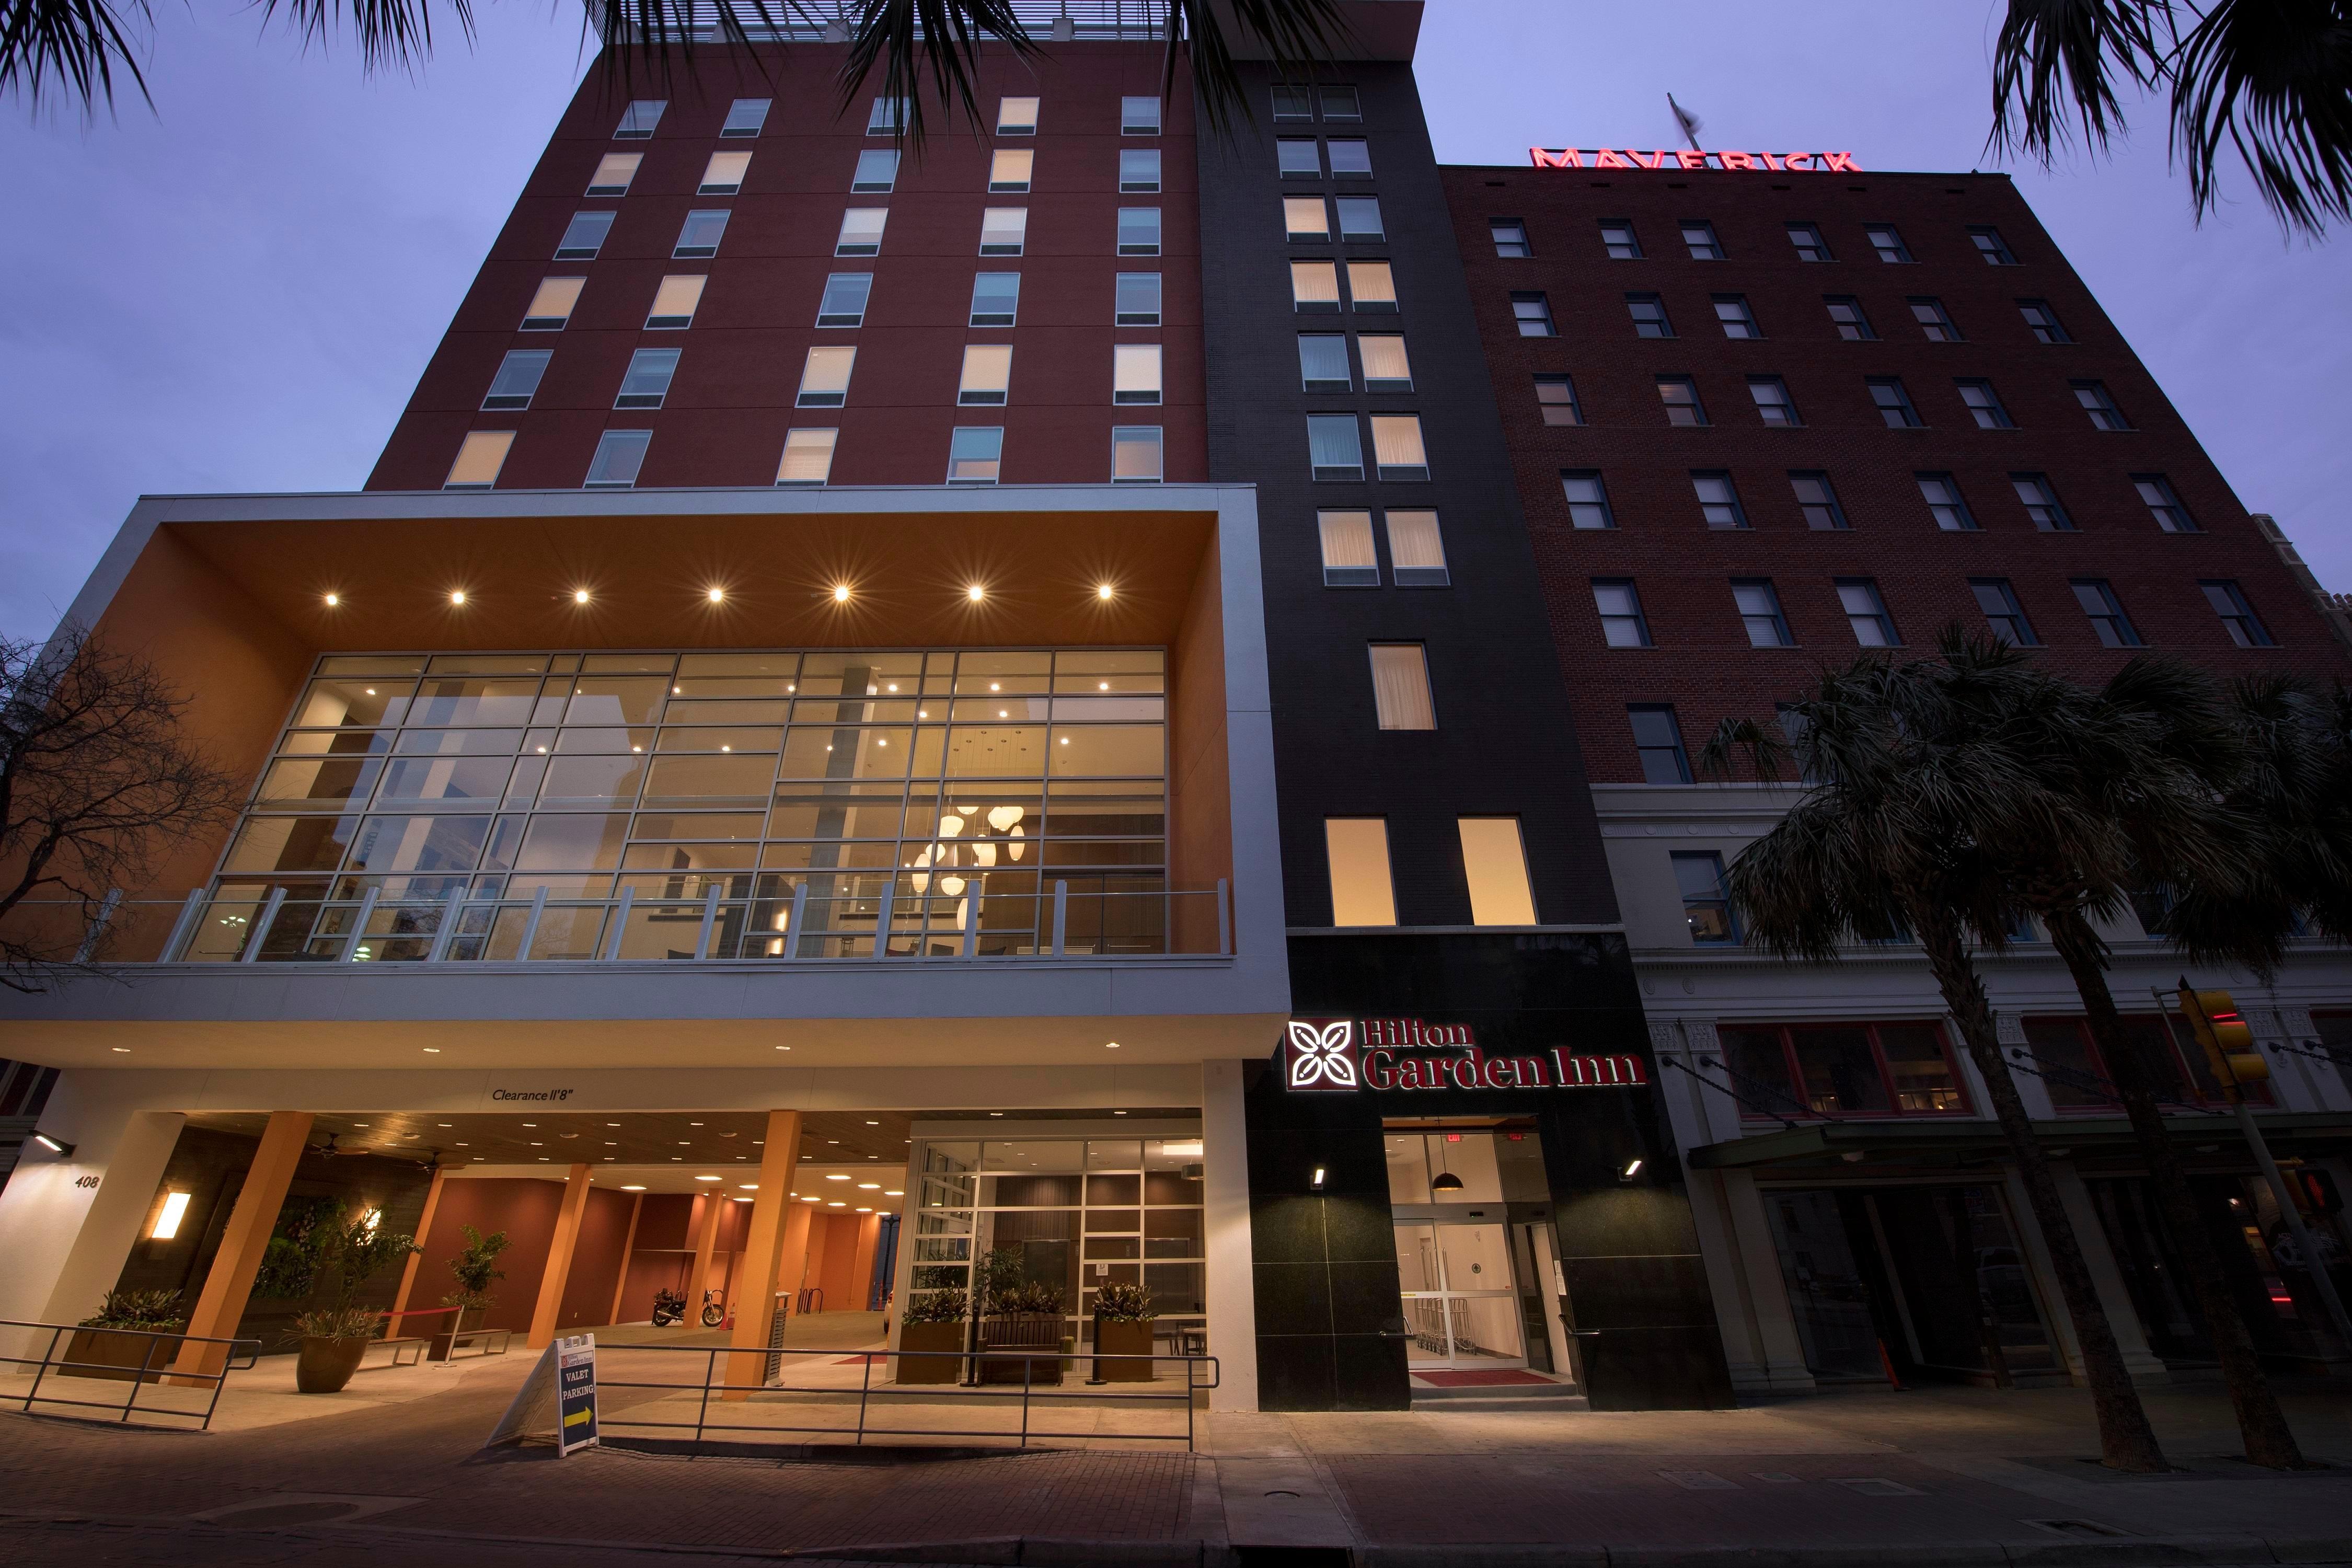 Hilton Garden Inn San Antonio Downtown 408 E Houston St, San Antonio ...